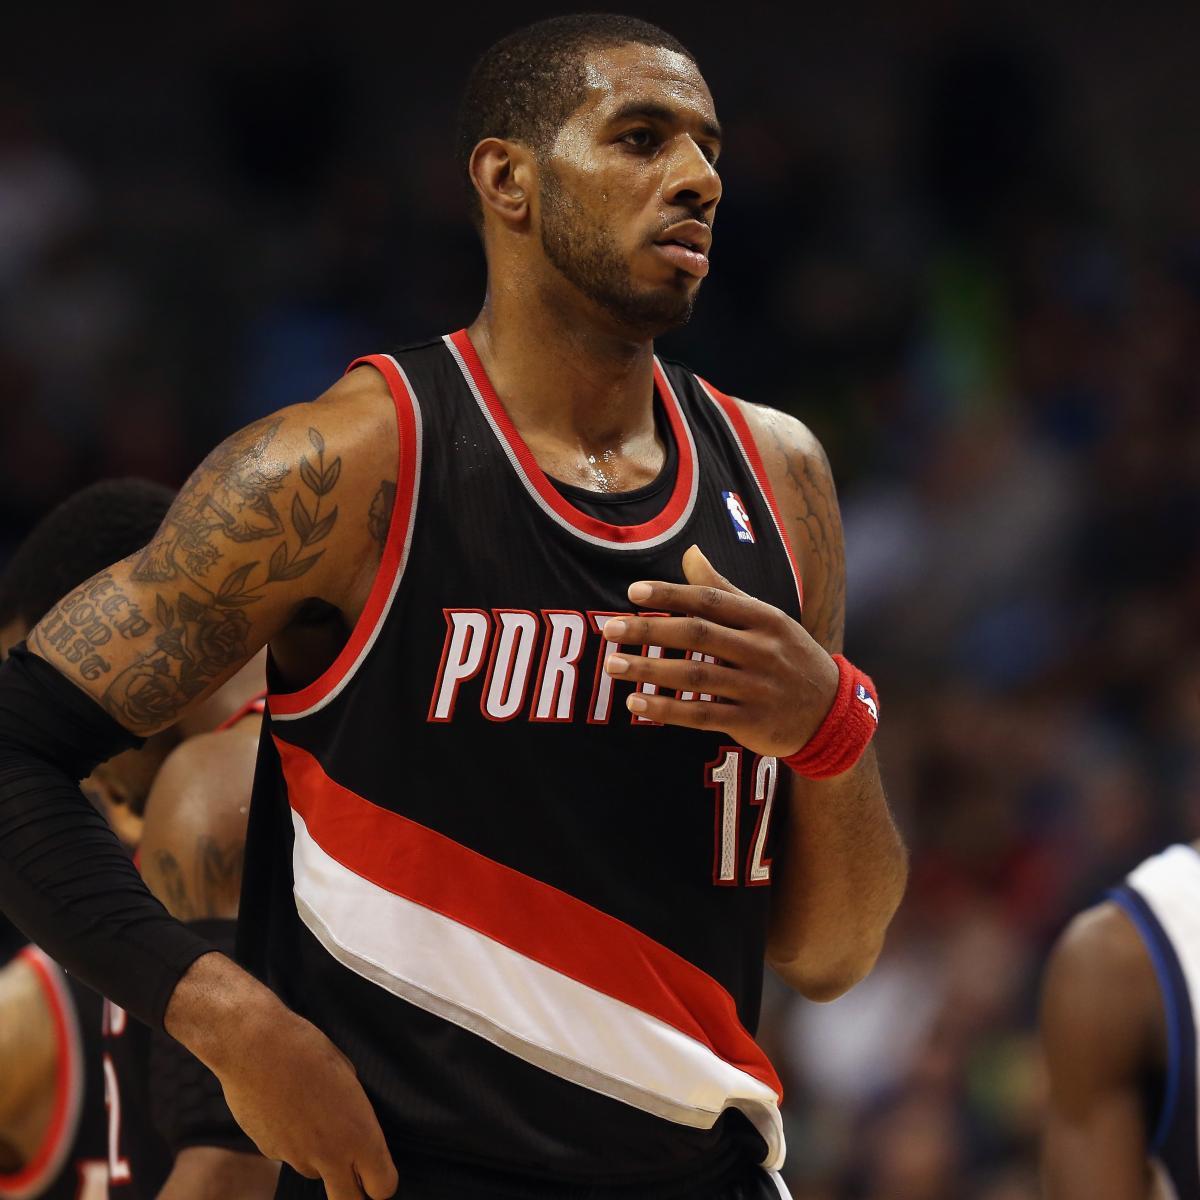 NBA Trade Rumors: Potential Landing Spots For LaMarcus